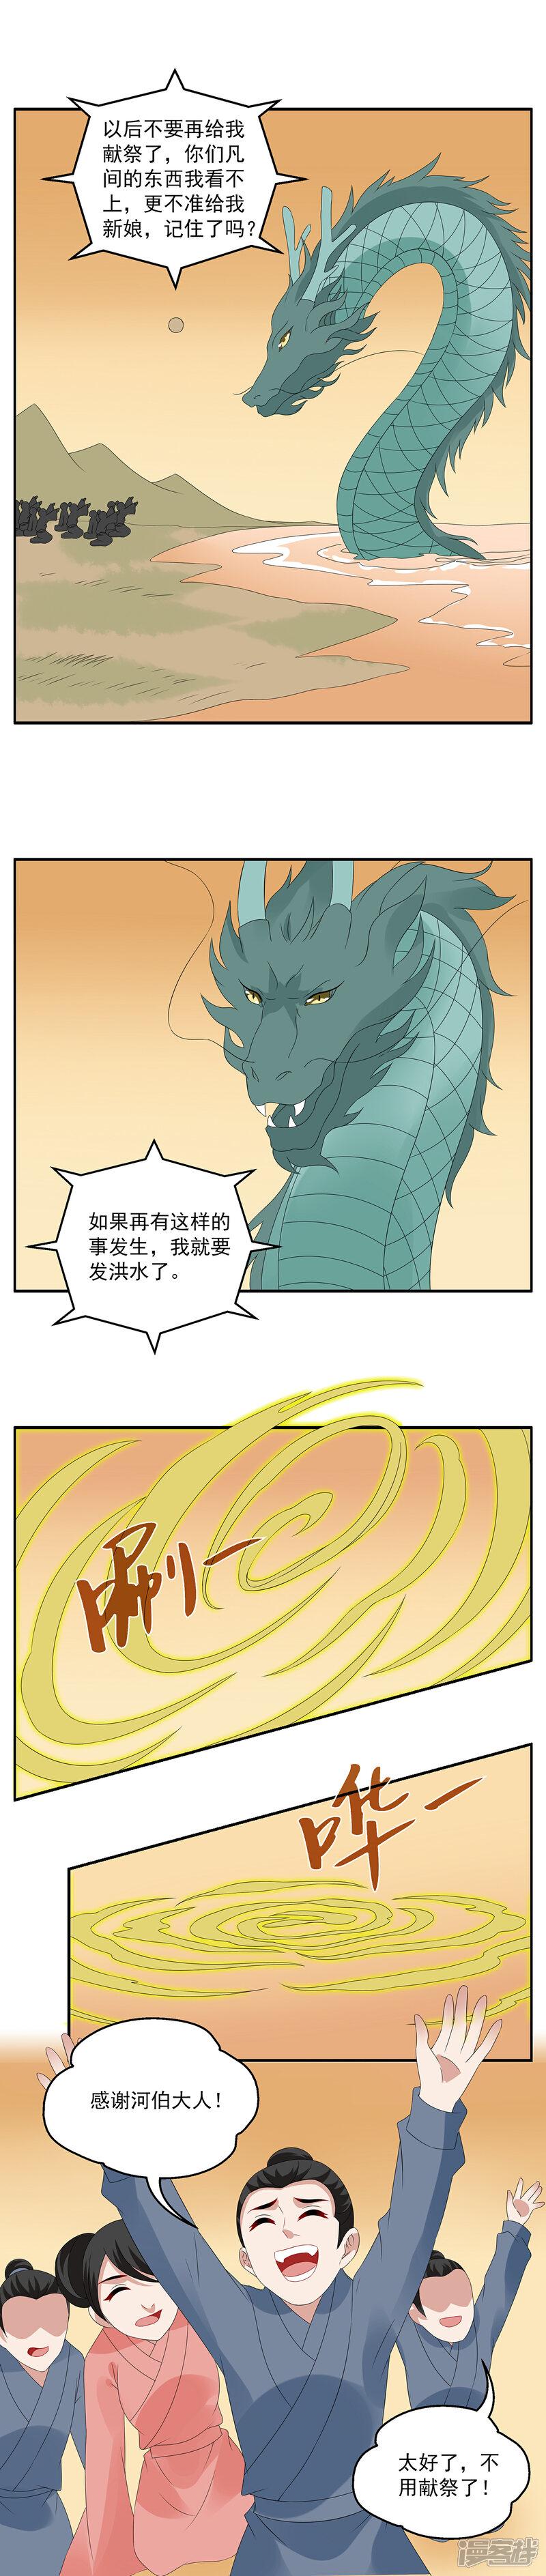 洛小妖112 (4).JPG